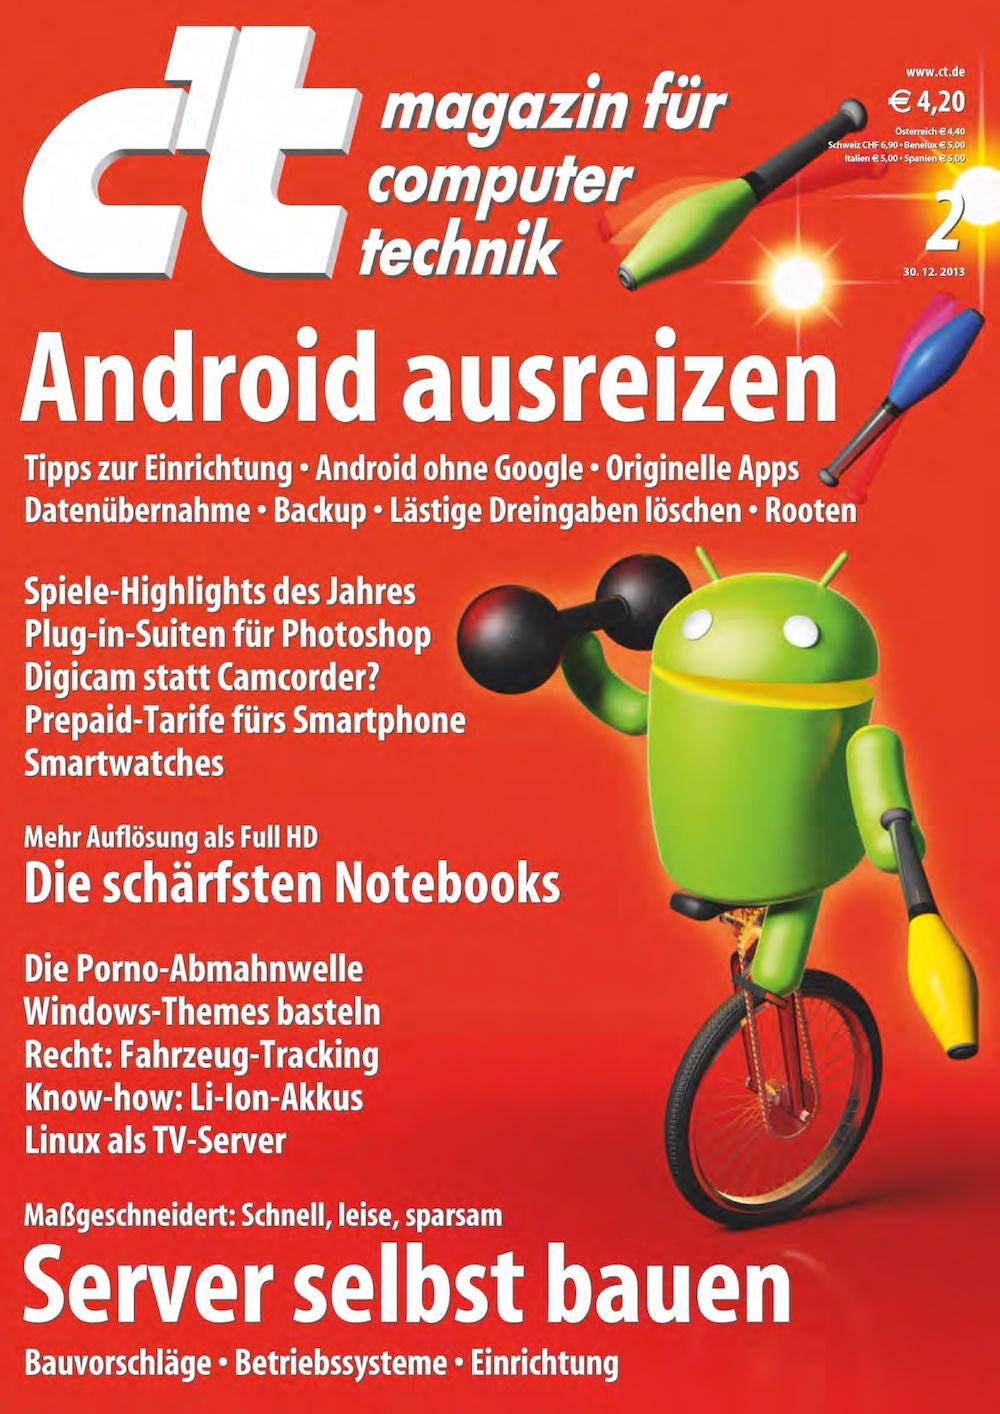 c't Magazin 2014-02